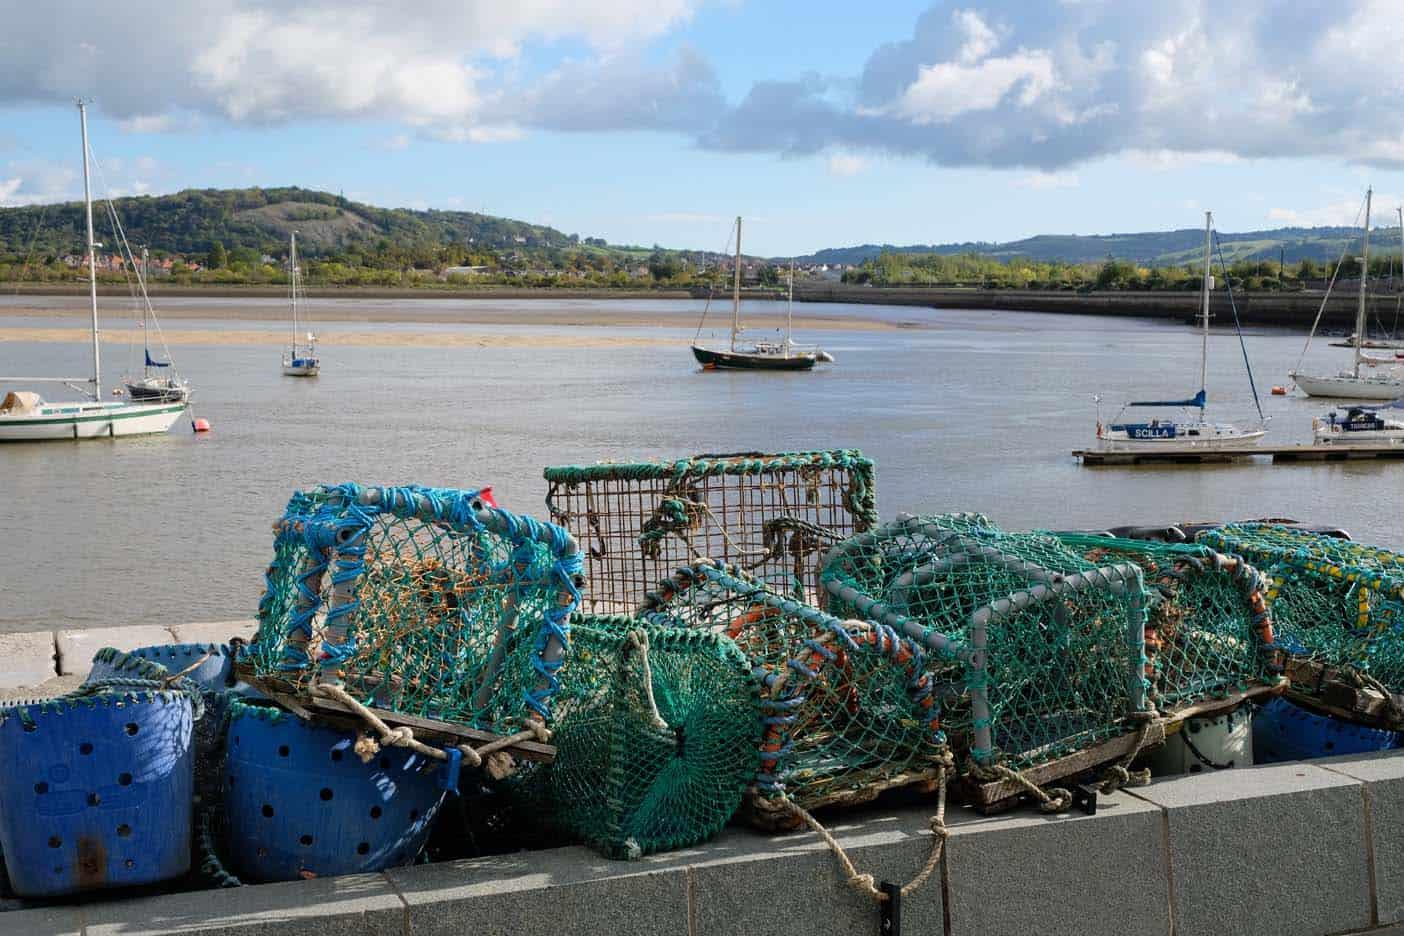 De haven van Conwy